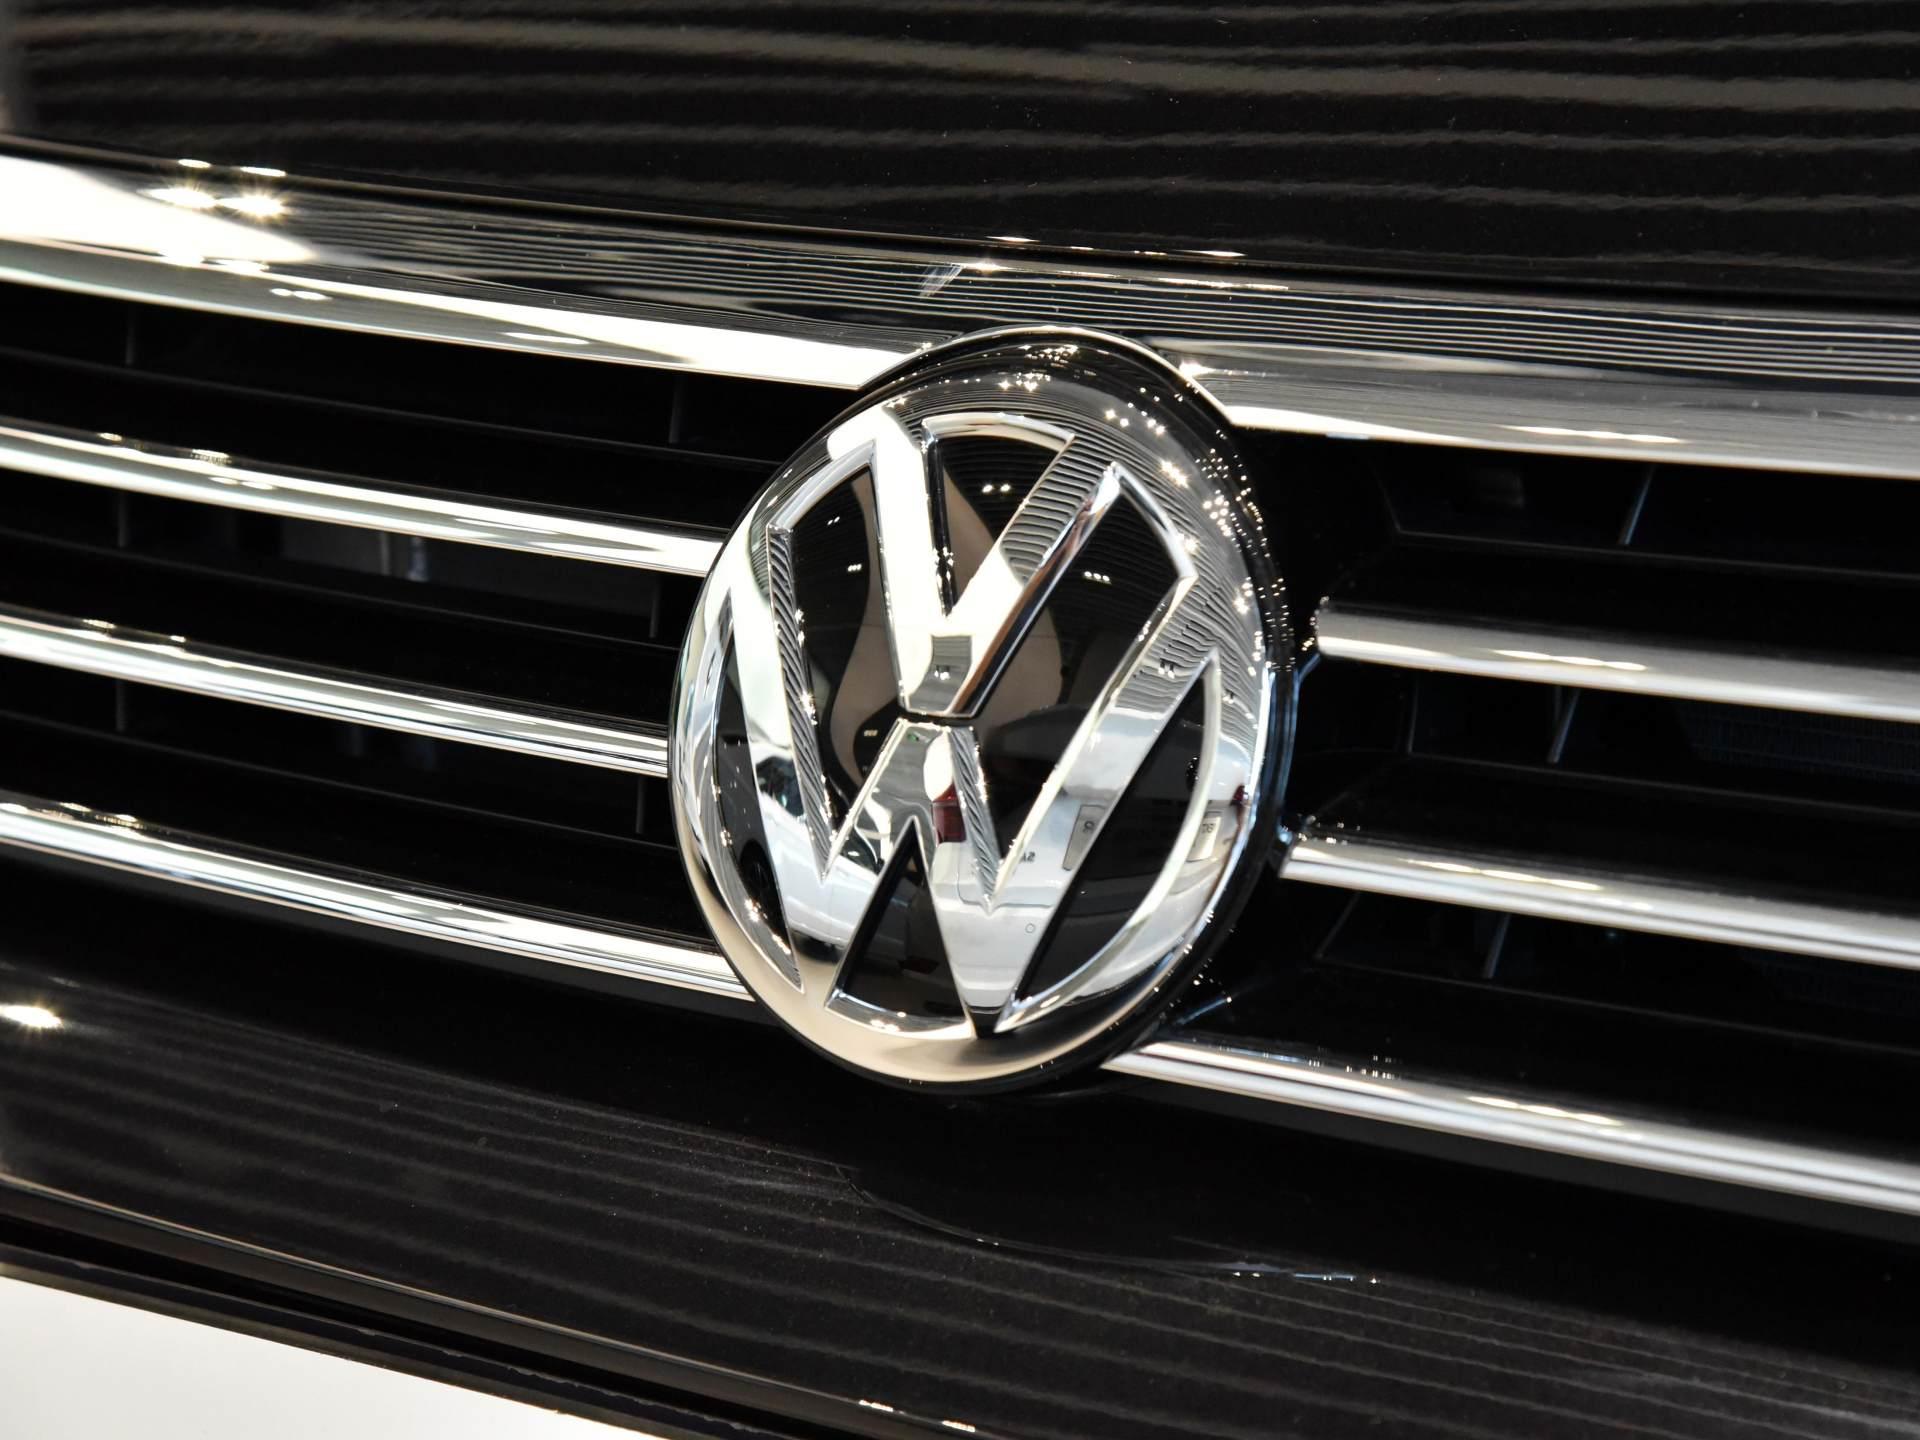 隻要價格到位,這車能超越雅閣,2.0T+2.87米軸距,8月銷量1.8萬輛-圖3